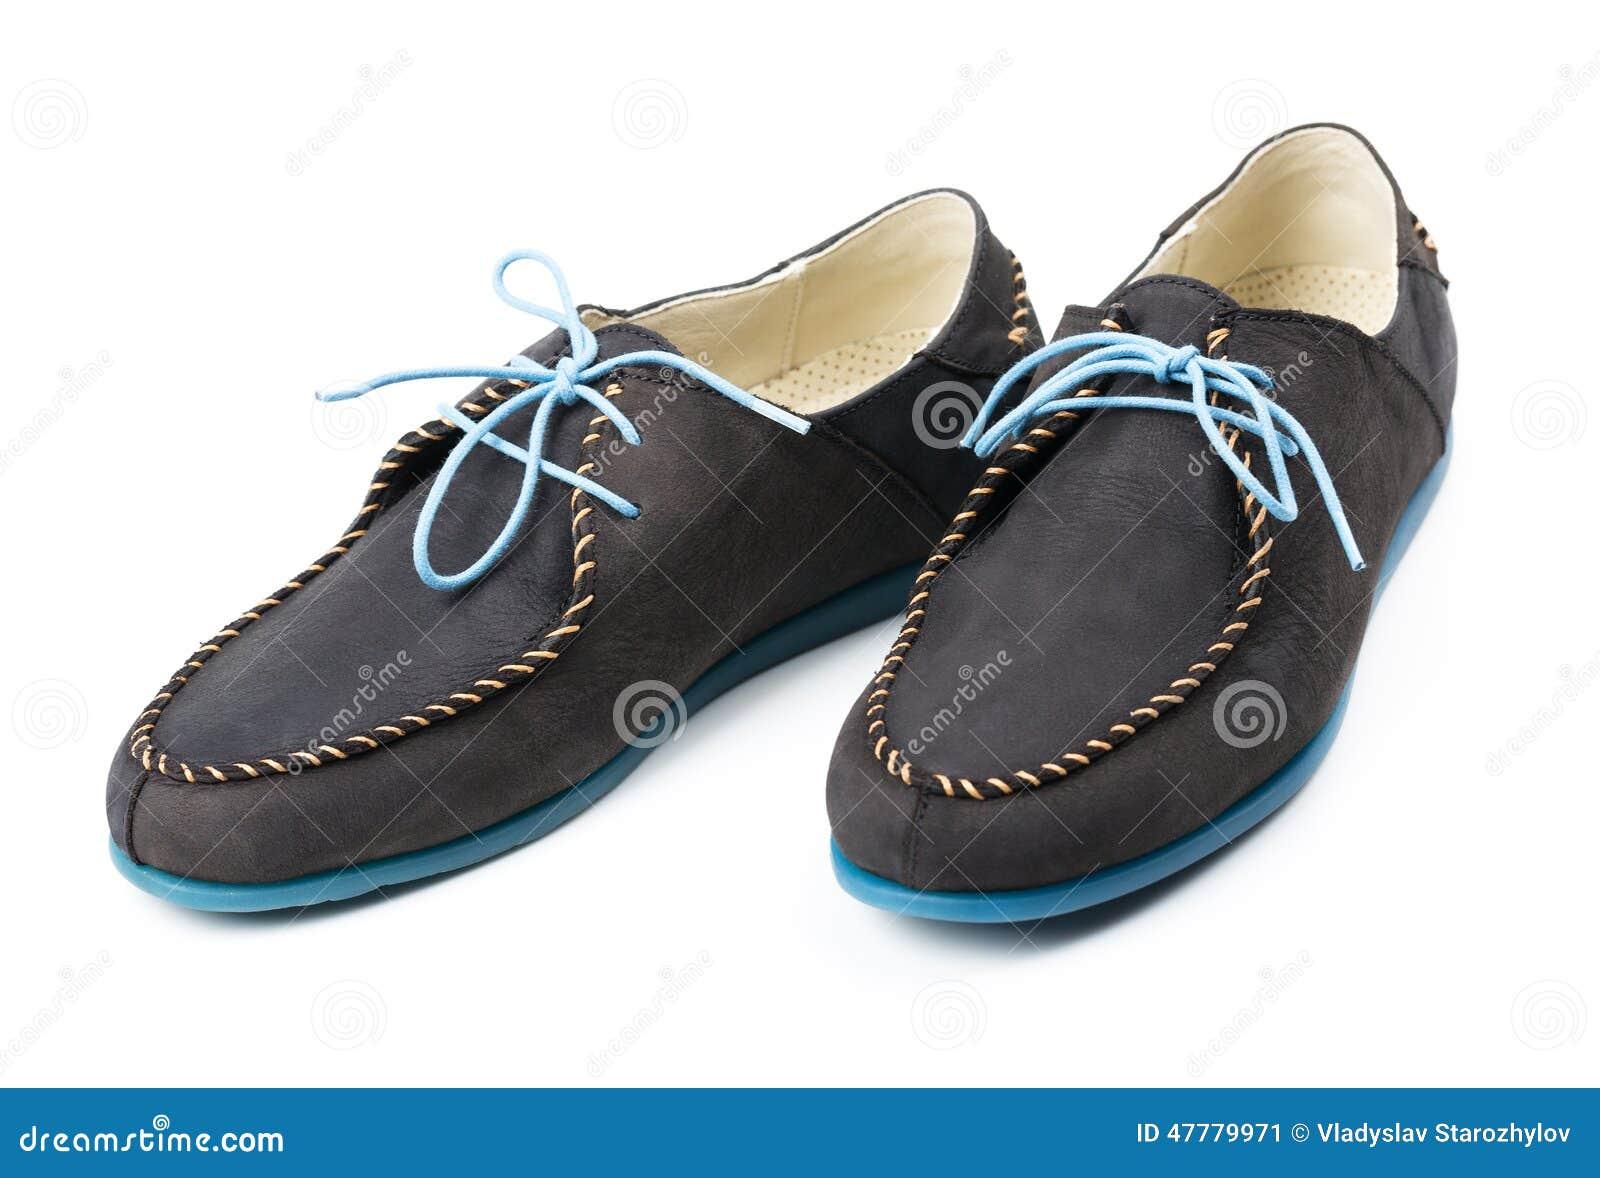 80f443a62b Los holgazanes de cuero de los hombres negros con los lenguados azules y  cordones en un fondo blanco